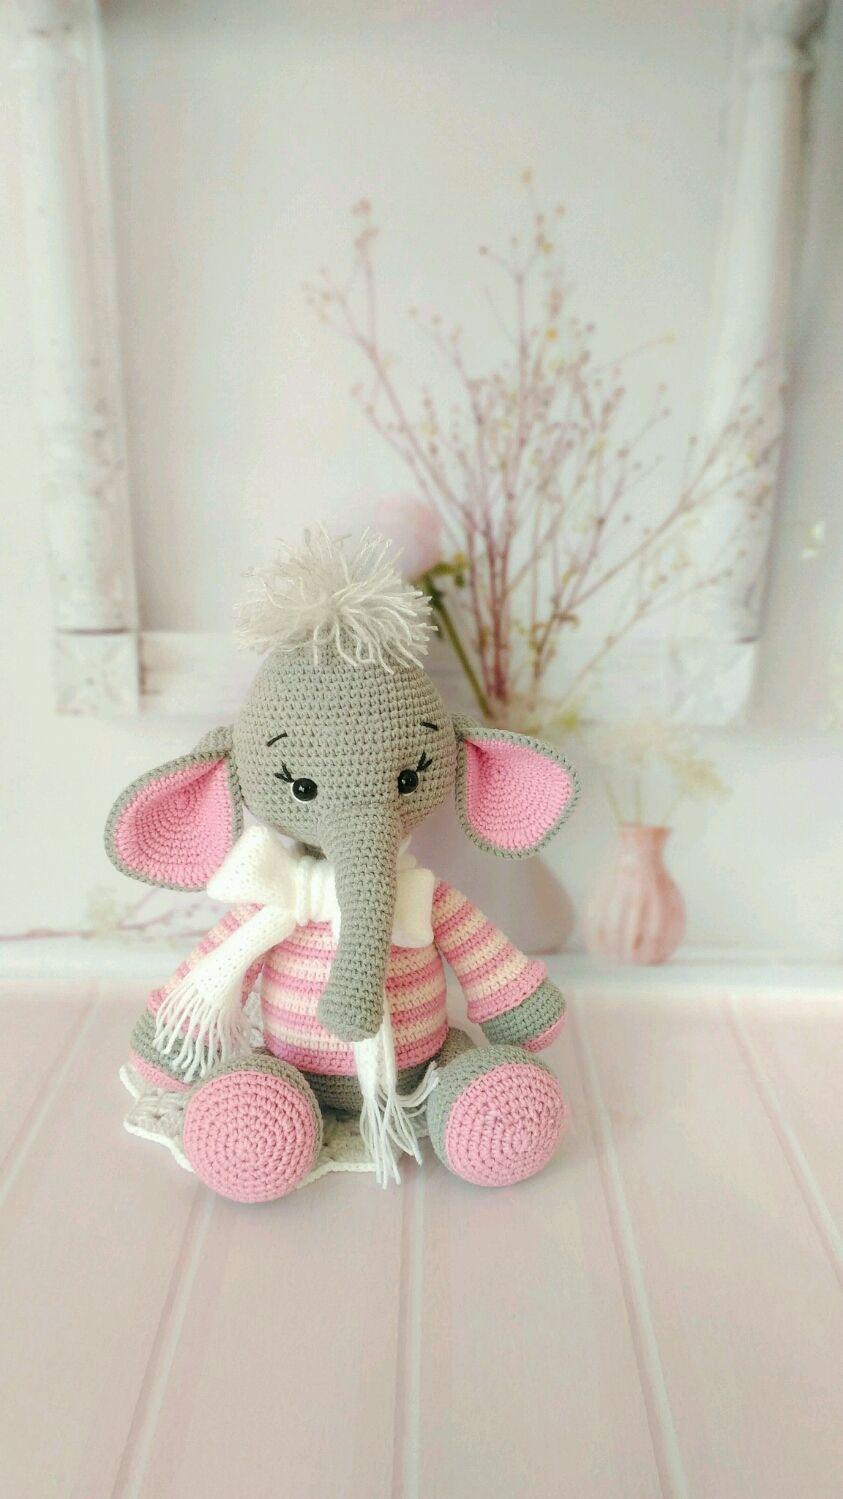 Слоник Слоненок вязаный Слоняша Игрушка ручной работы слон, Мягкие игрушки, Омск,  Фото №1